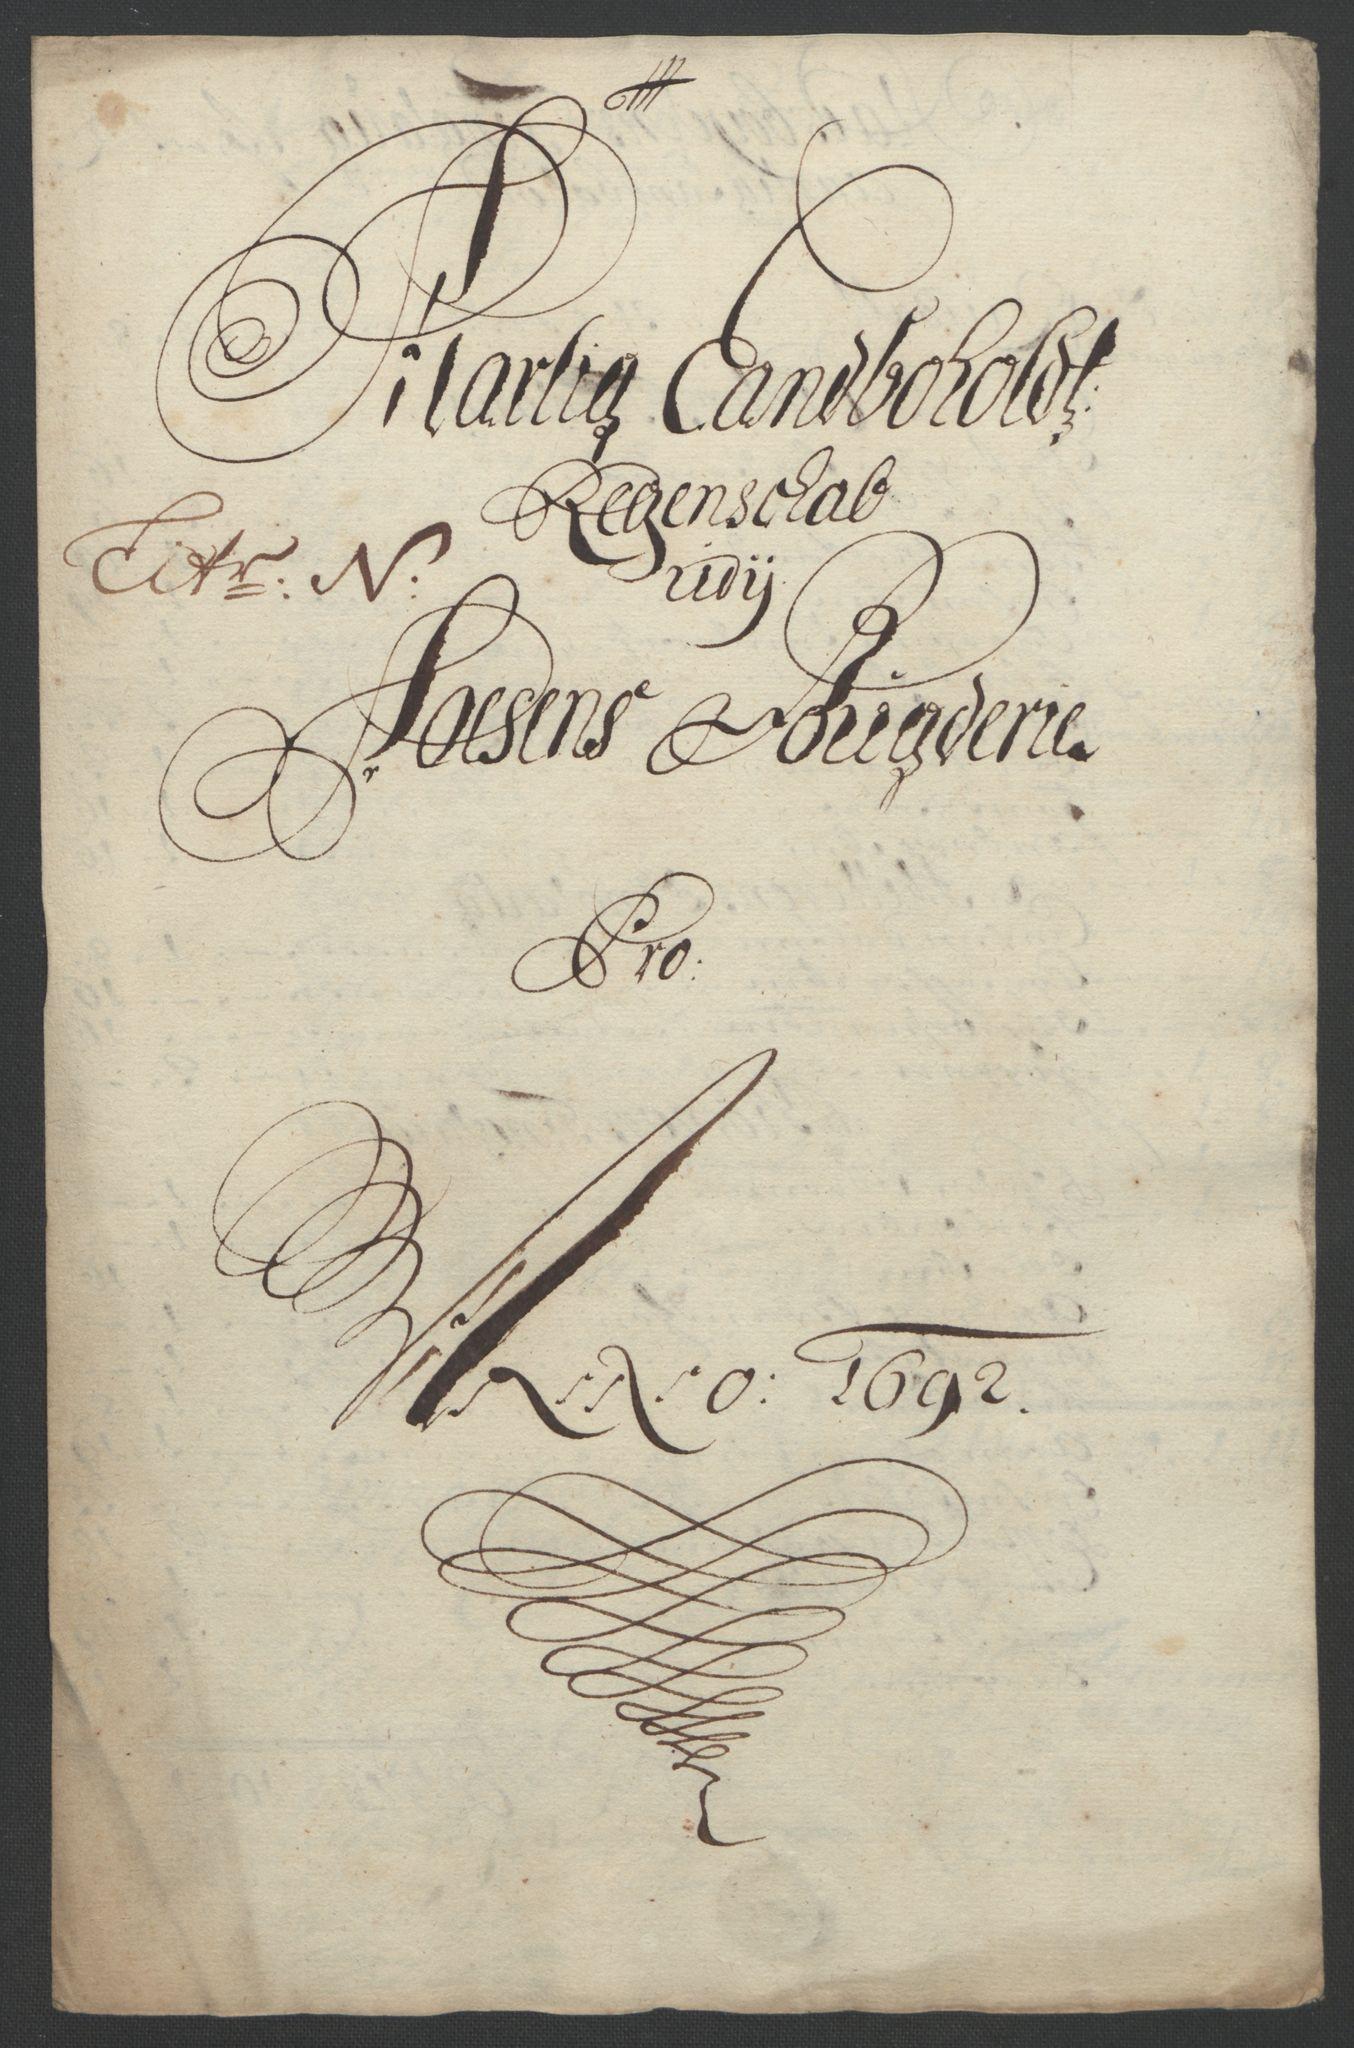 RA, Rentekammeret inntil 1814, Reviderte regnskaper, Fogderegnskap, R57/L3849: Fogderegnskap Fosen, 1692-1693, s. 202